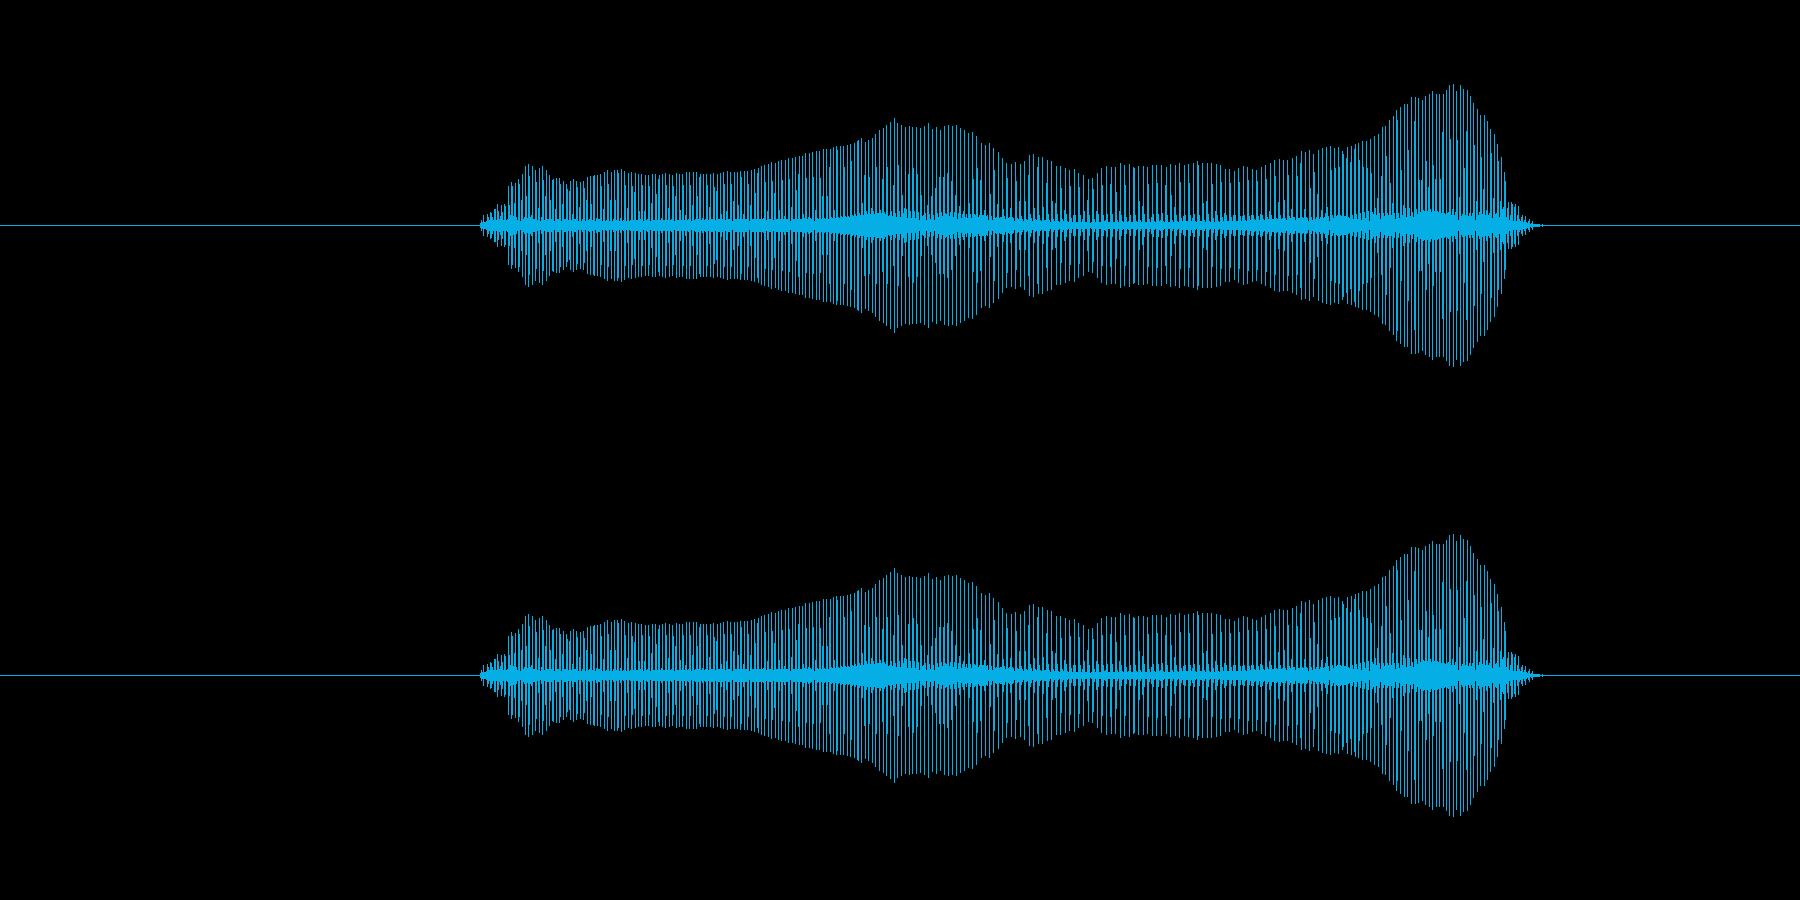 トロンボーンあるあるフレーズBPM200の再生済みの波形